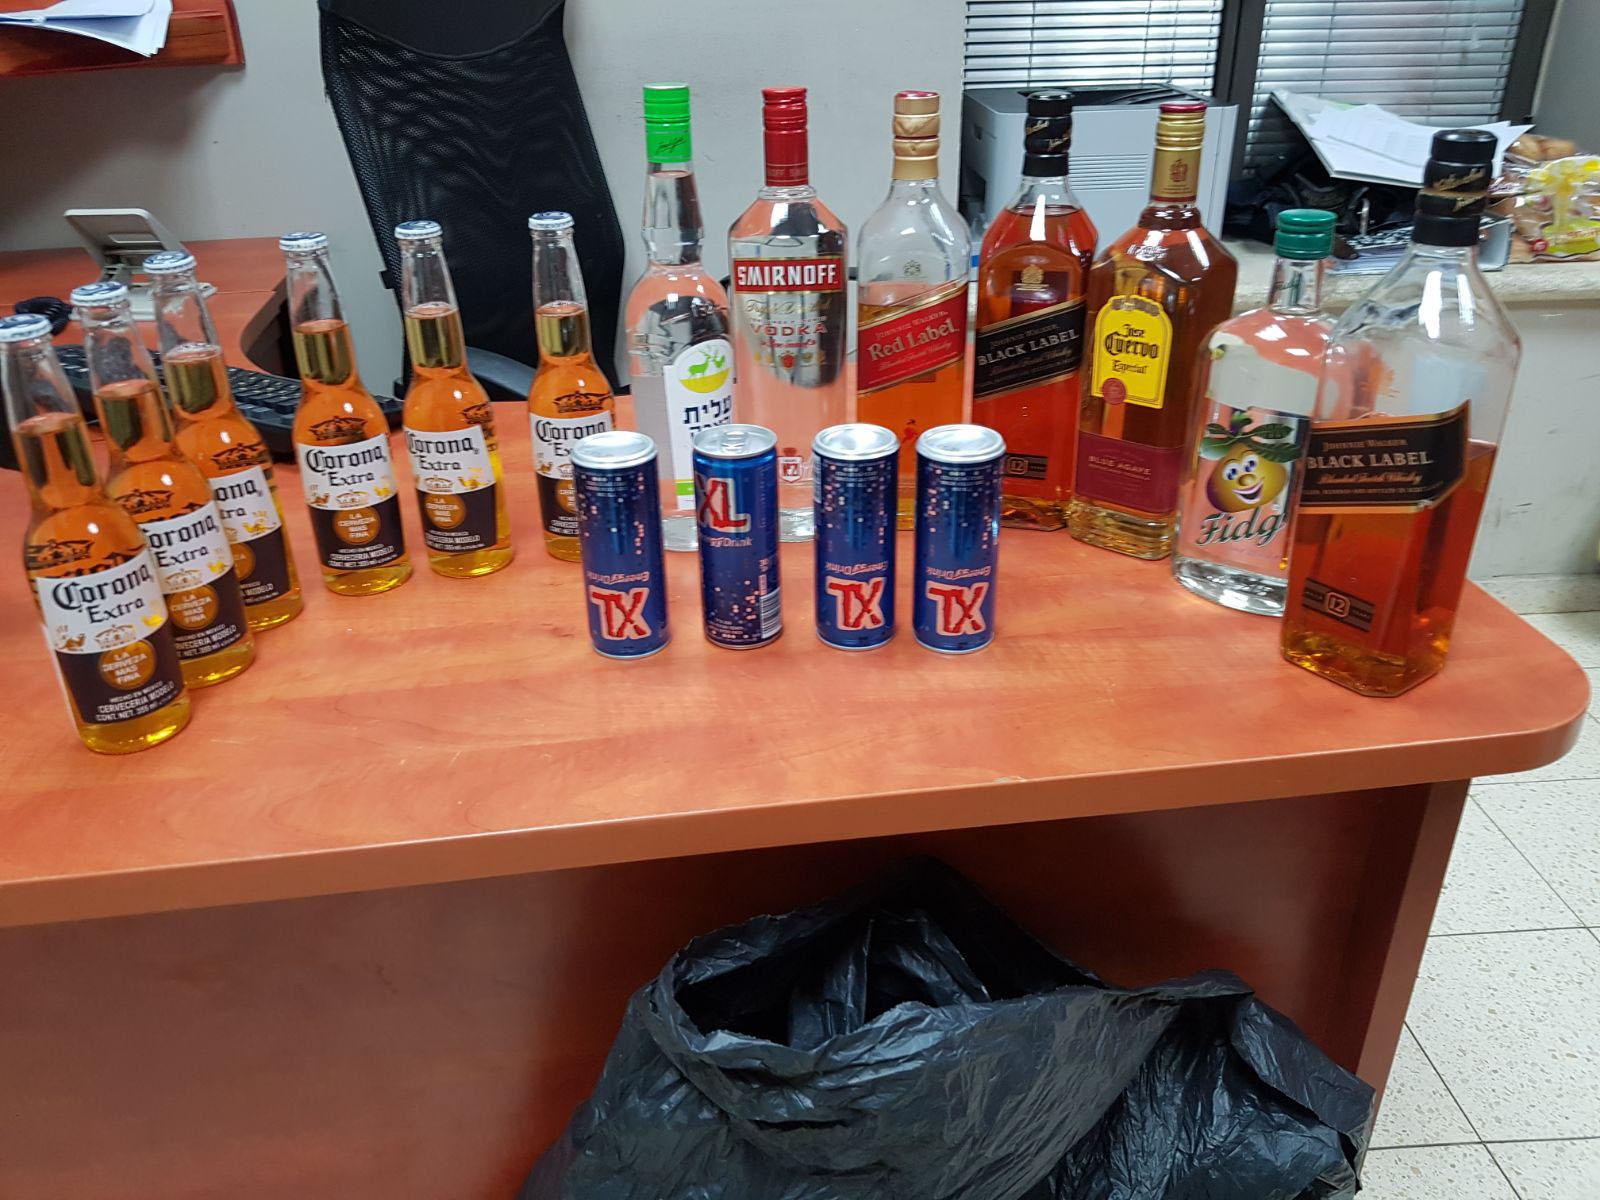 בקבוקי האלכוהול שנגנבו במרכז העיר (צילום: דוברות המשטרה)